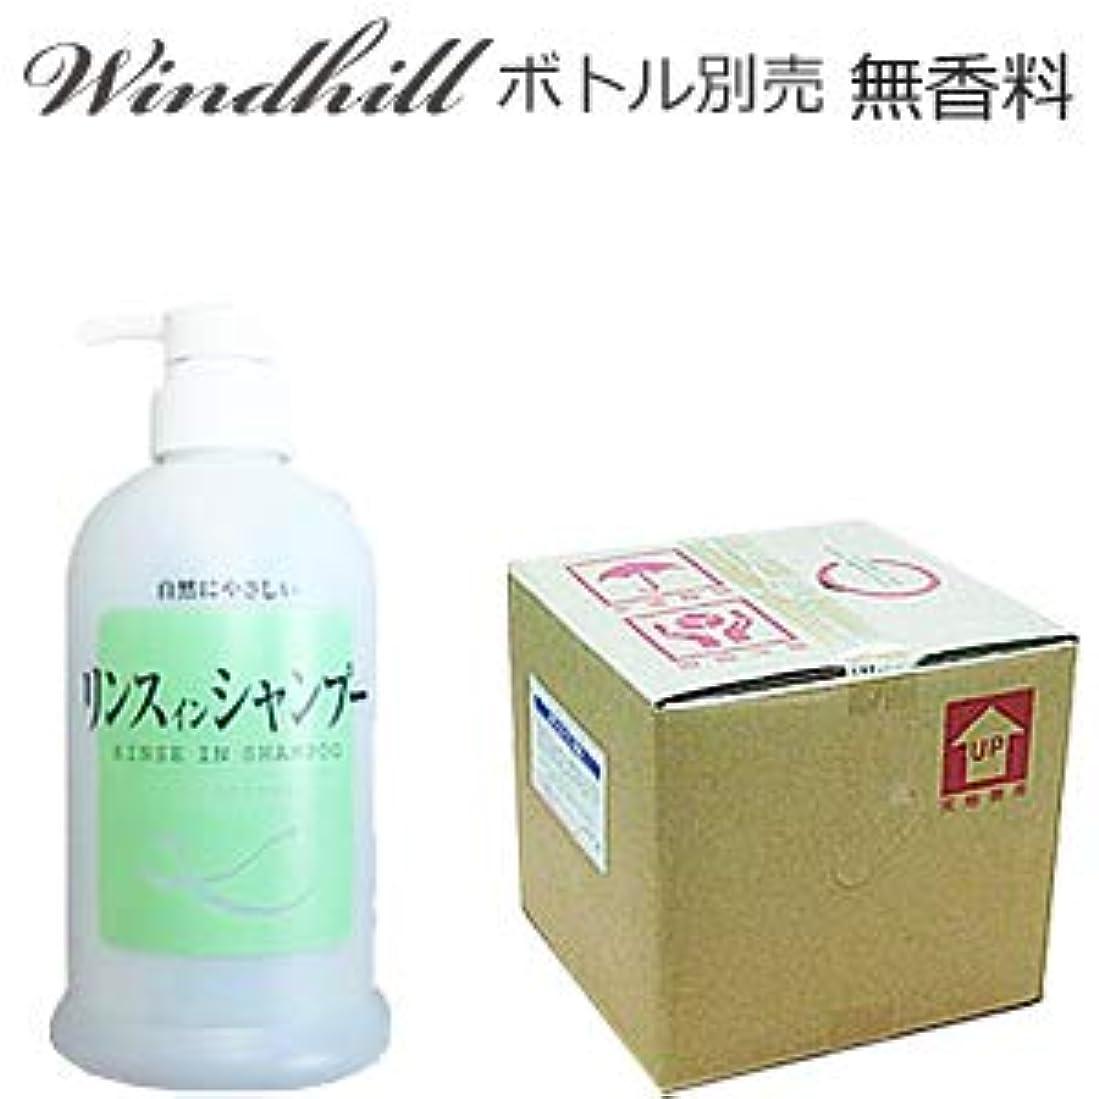 モードクリスチャン平均Windhill 植物性 業務用ボディソープ 無香料 20L(1セット20L入)